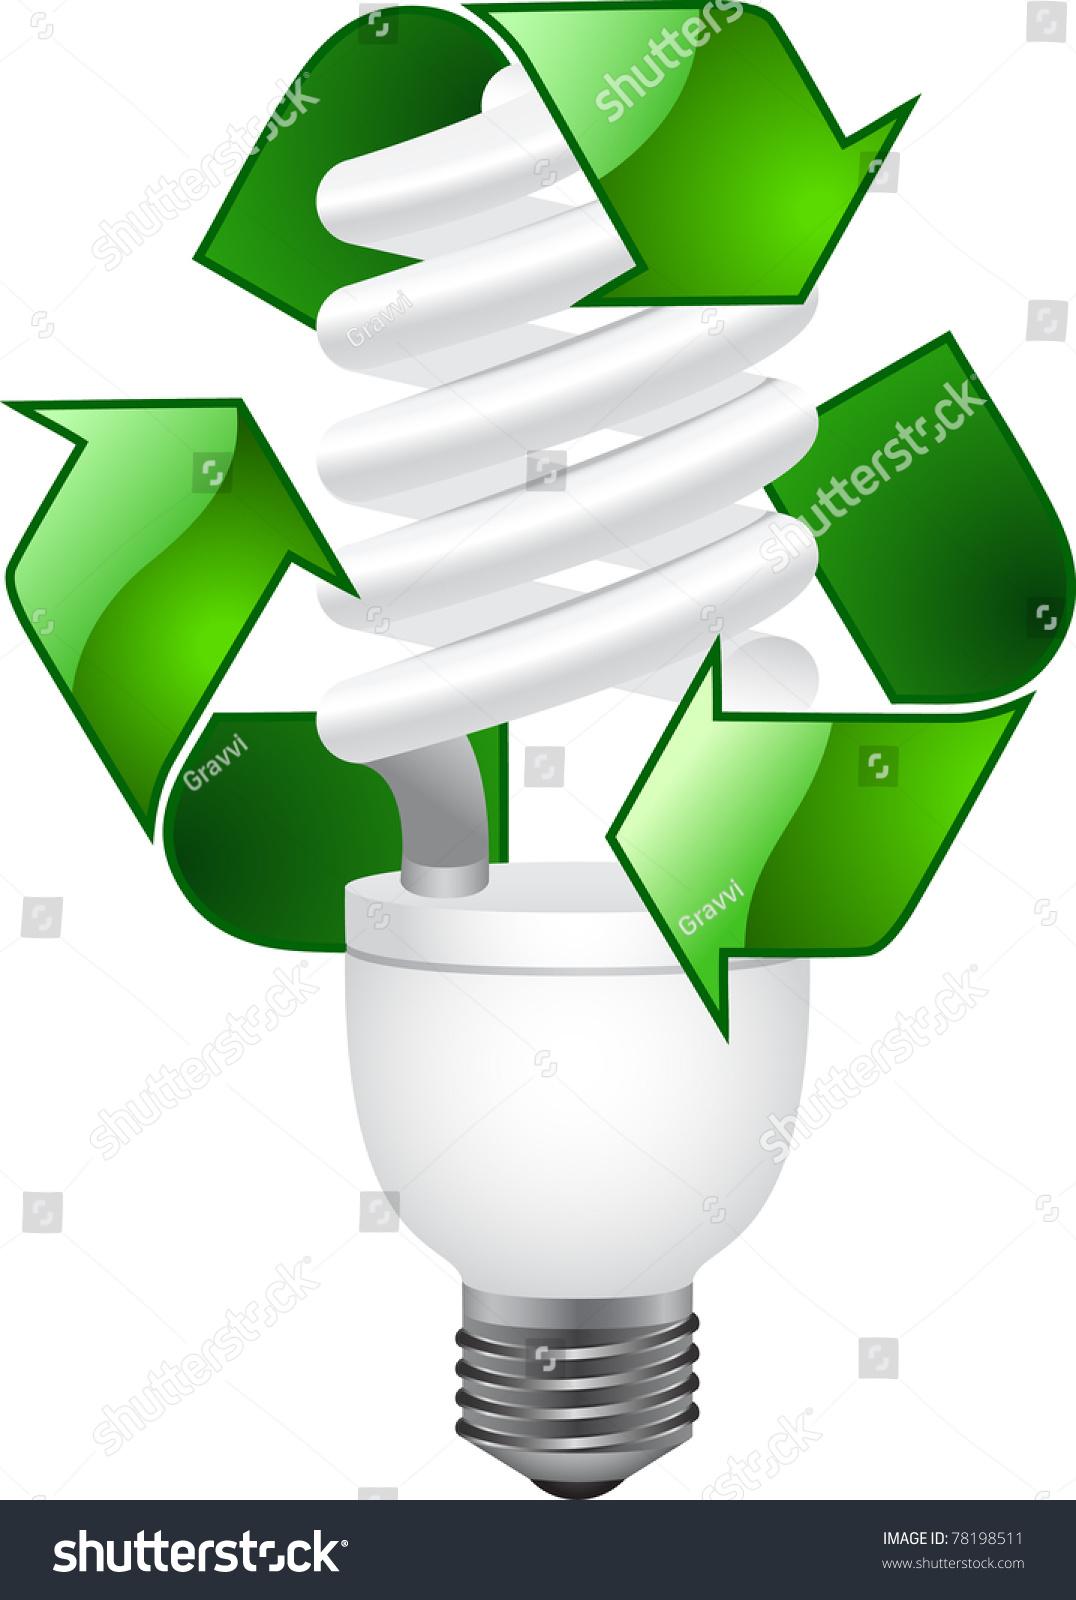 Light Bulb Recycling Symbol Stock Illustration 78198511 Shutterstock